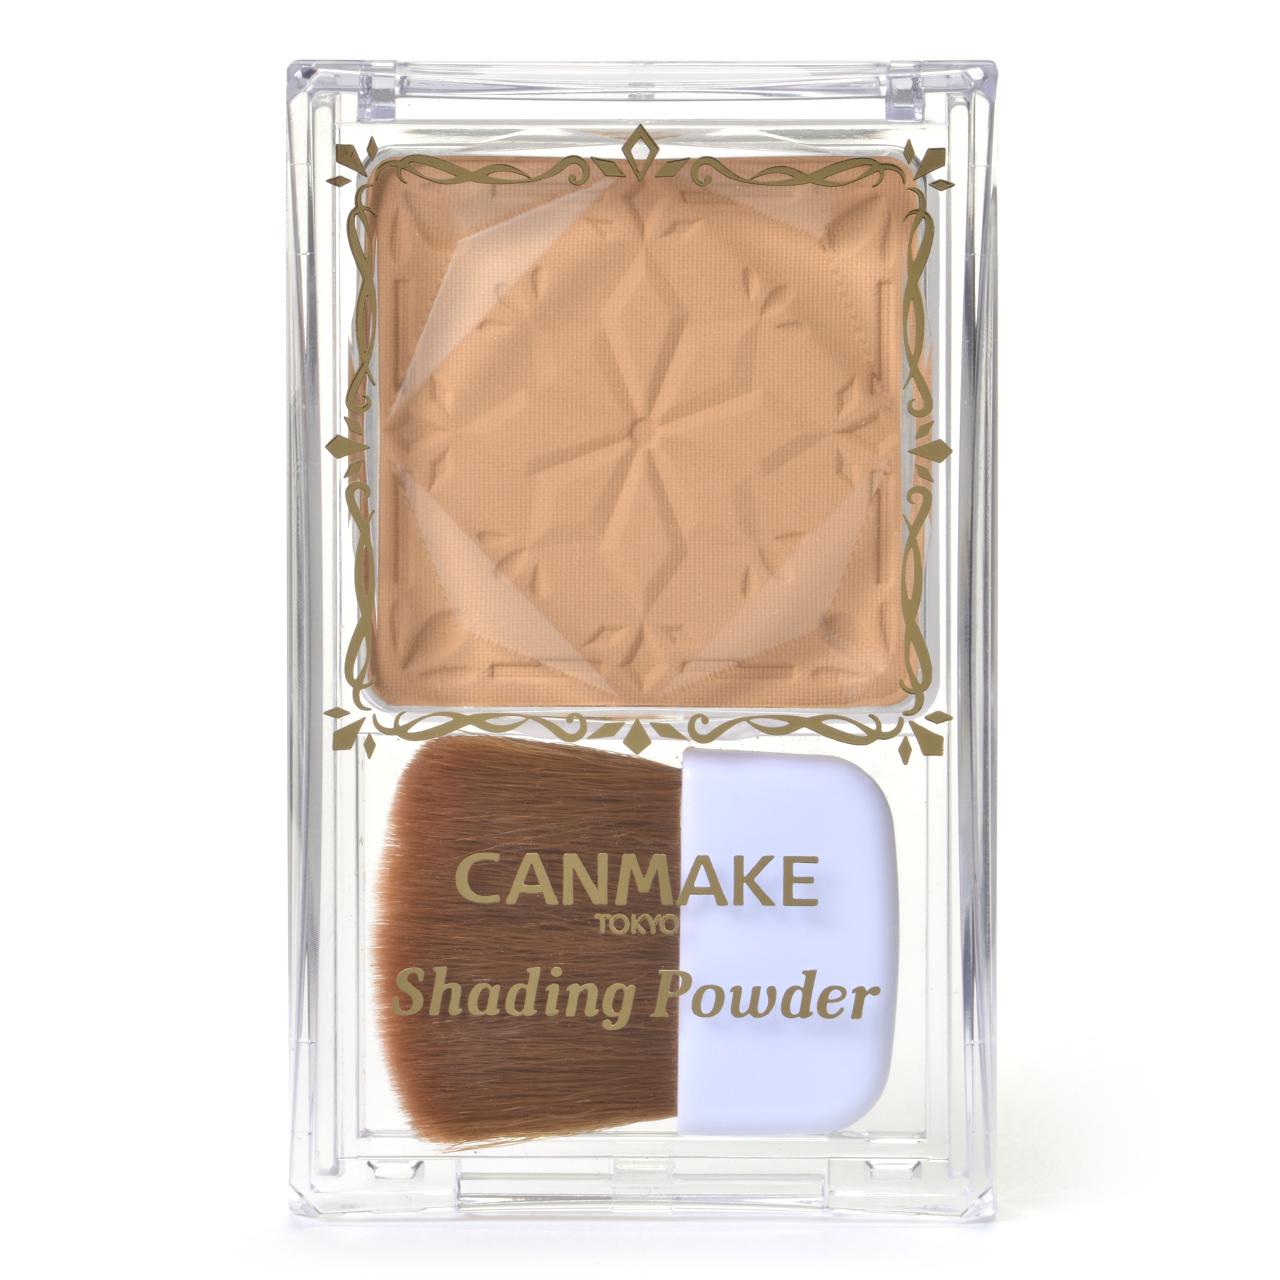 CANMAKE(キャンメイク) シェーディングパウダー #03ハニーラスクブラウン